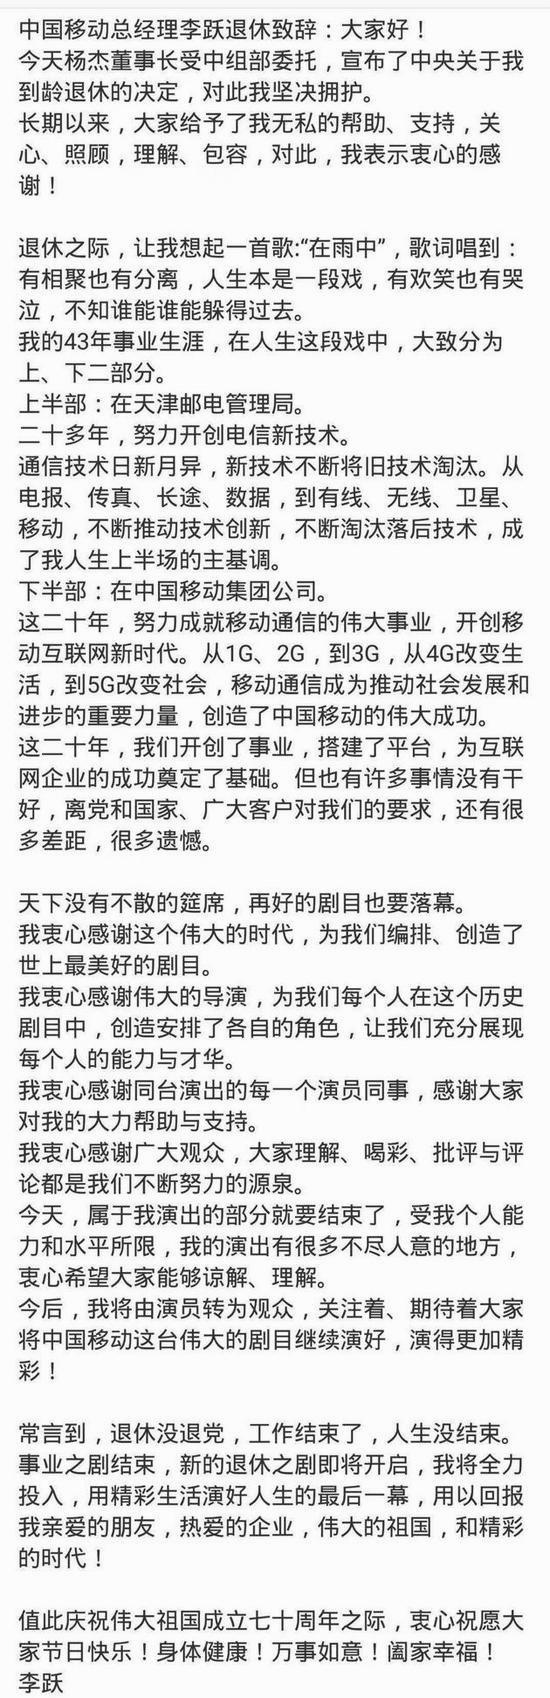 中国移动总裁李跃退休致辞:演好人生最后一幕戏